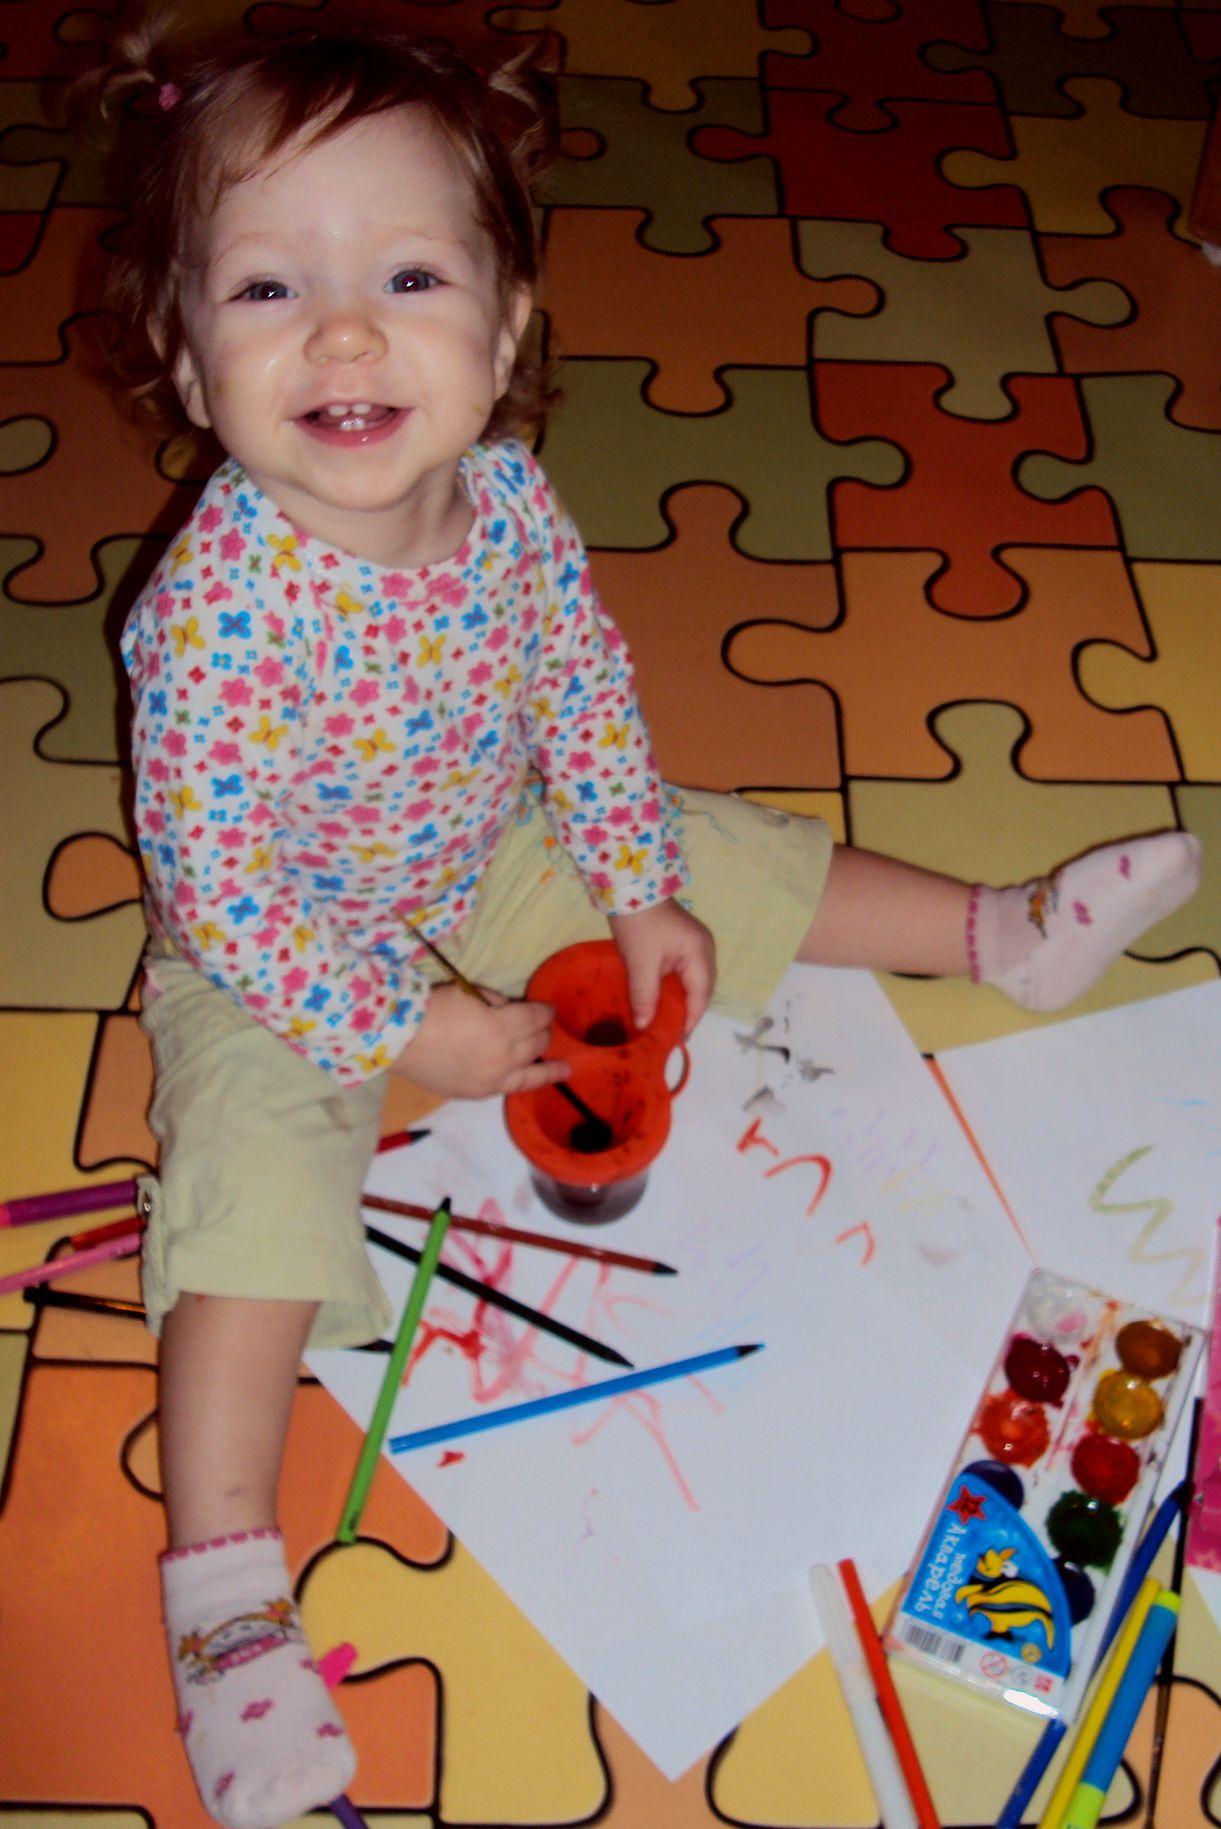 Юная художница!. Я рисую